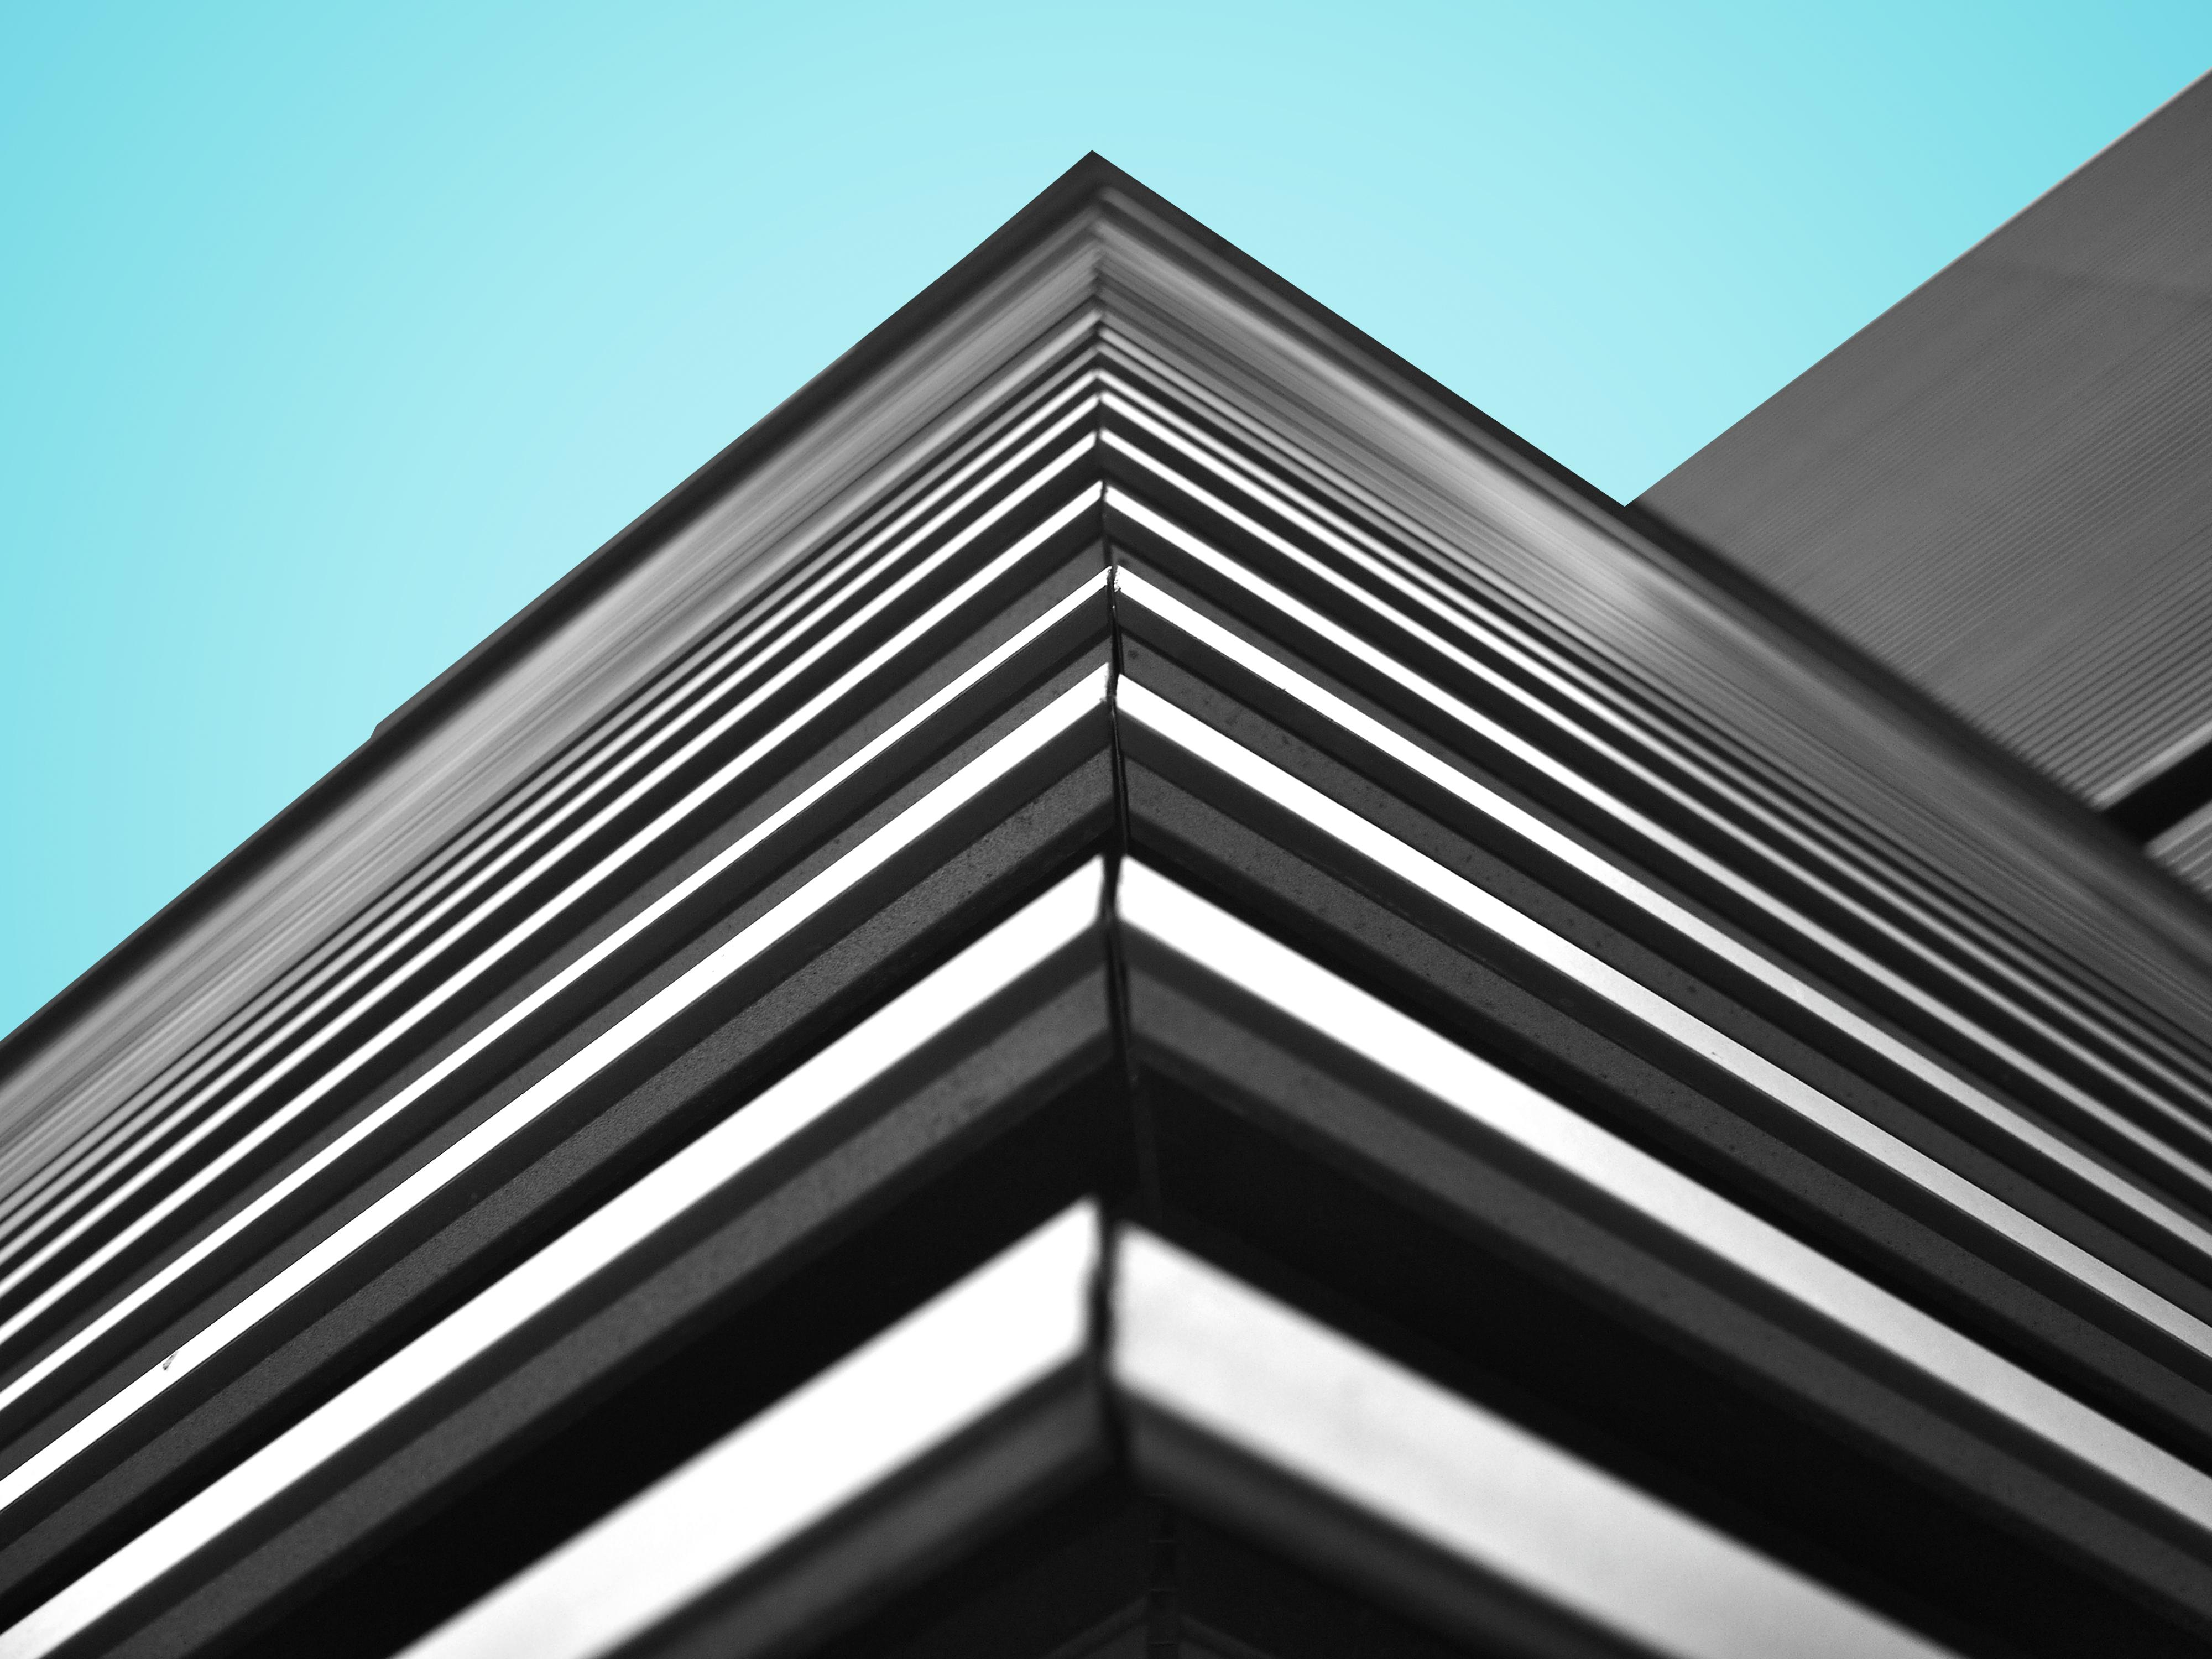 Kostenlose foto : die Architektur, Struktur, Fenster, Dach, Gebäude ...